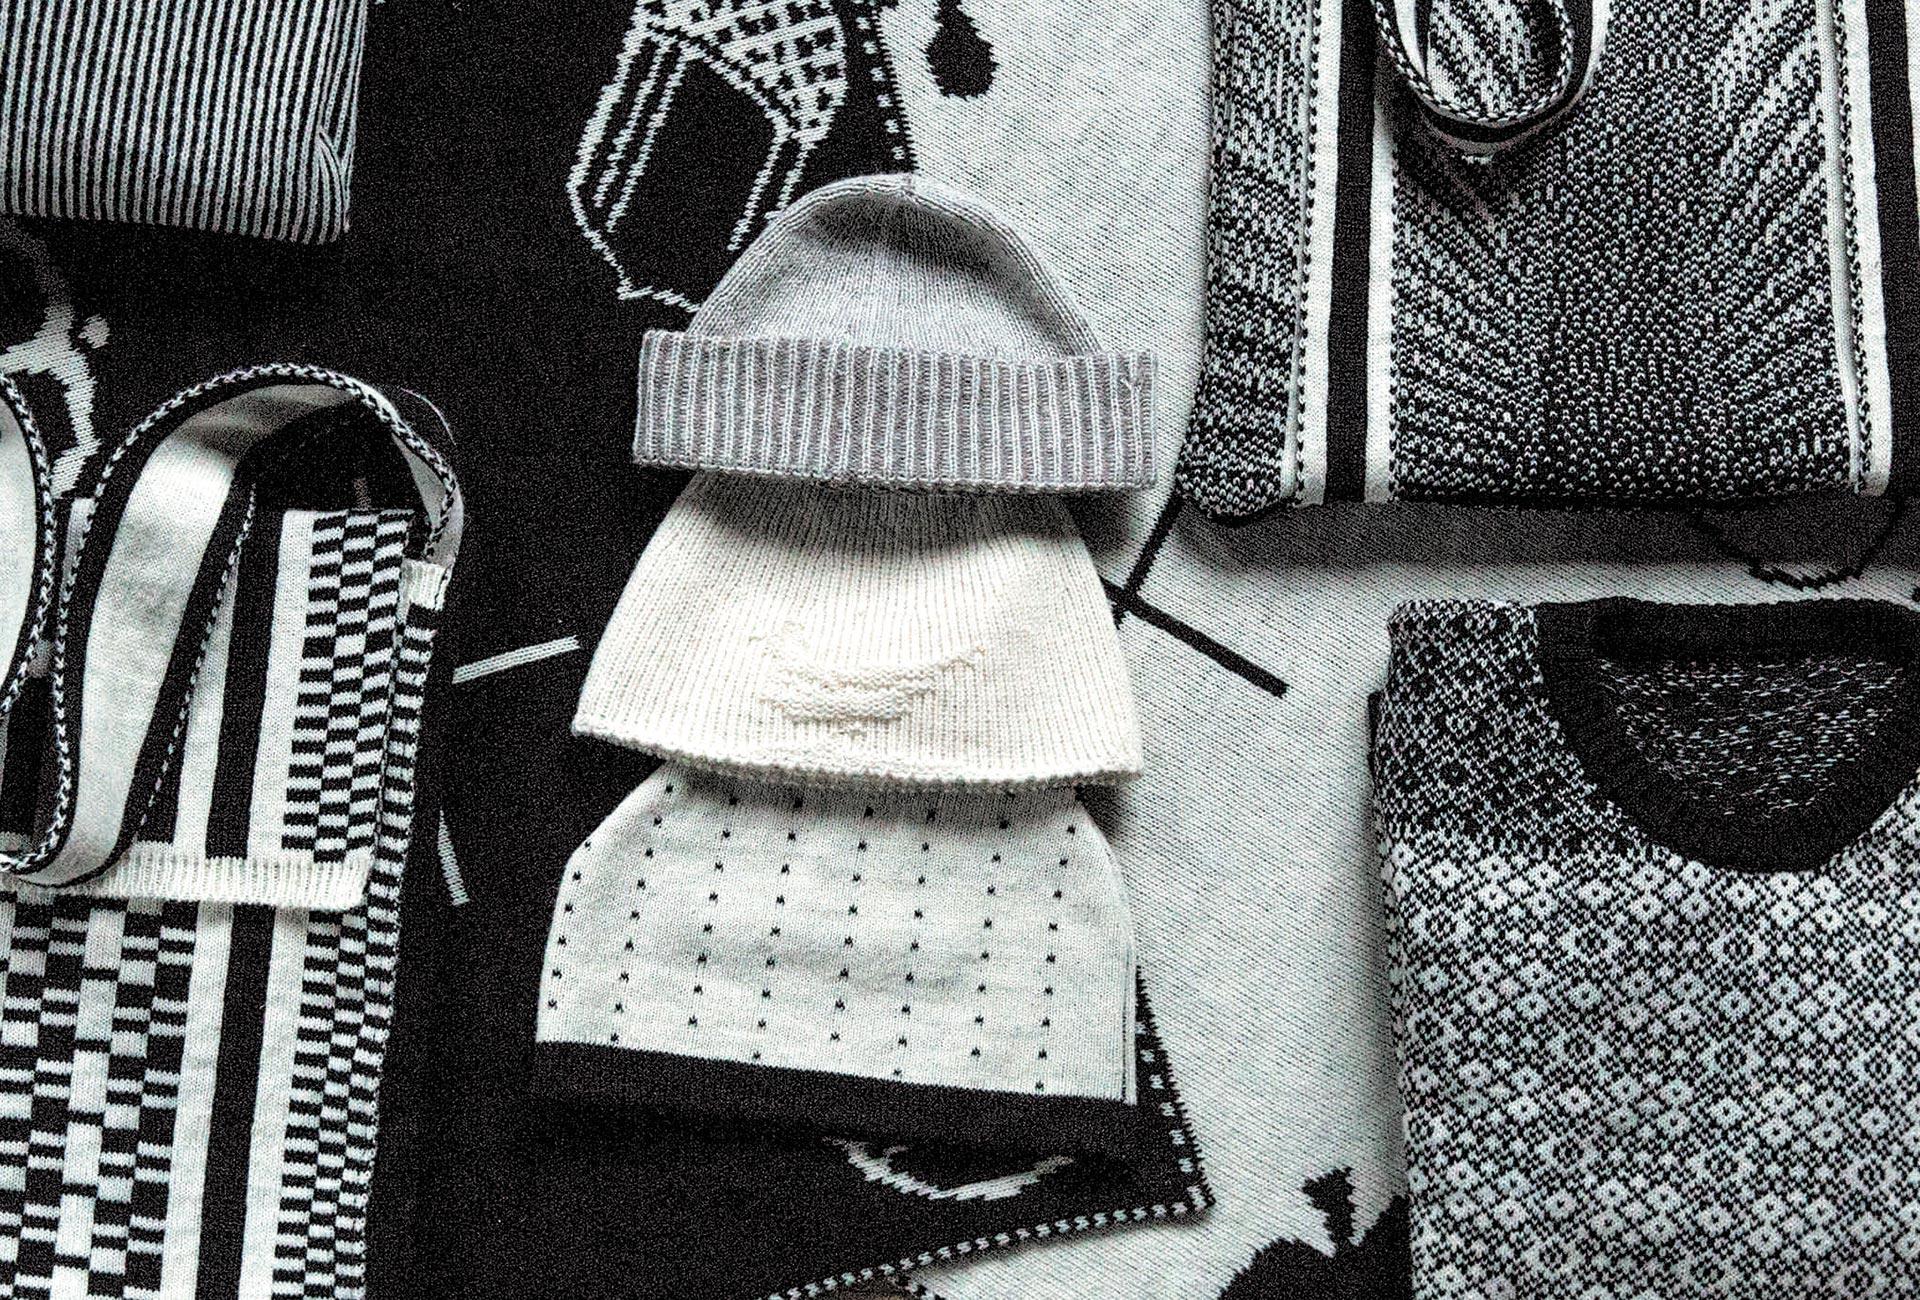 Designgut 2015, Herr Urs, Strickwaren und Accessoires